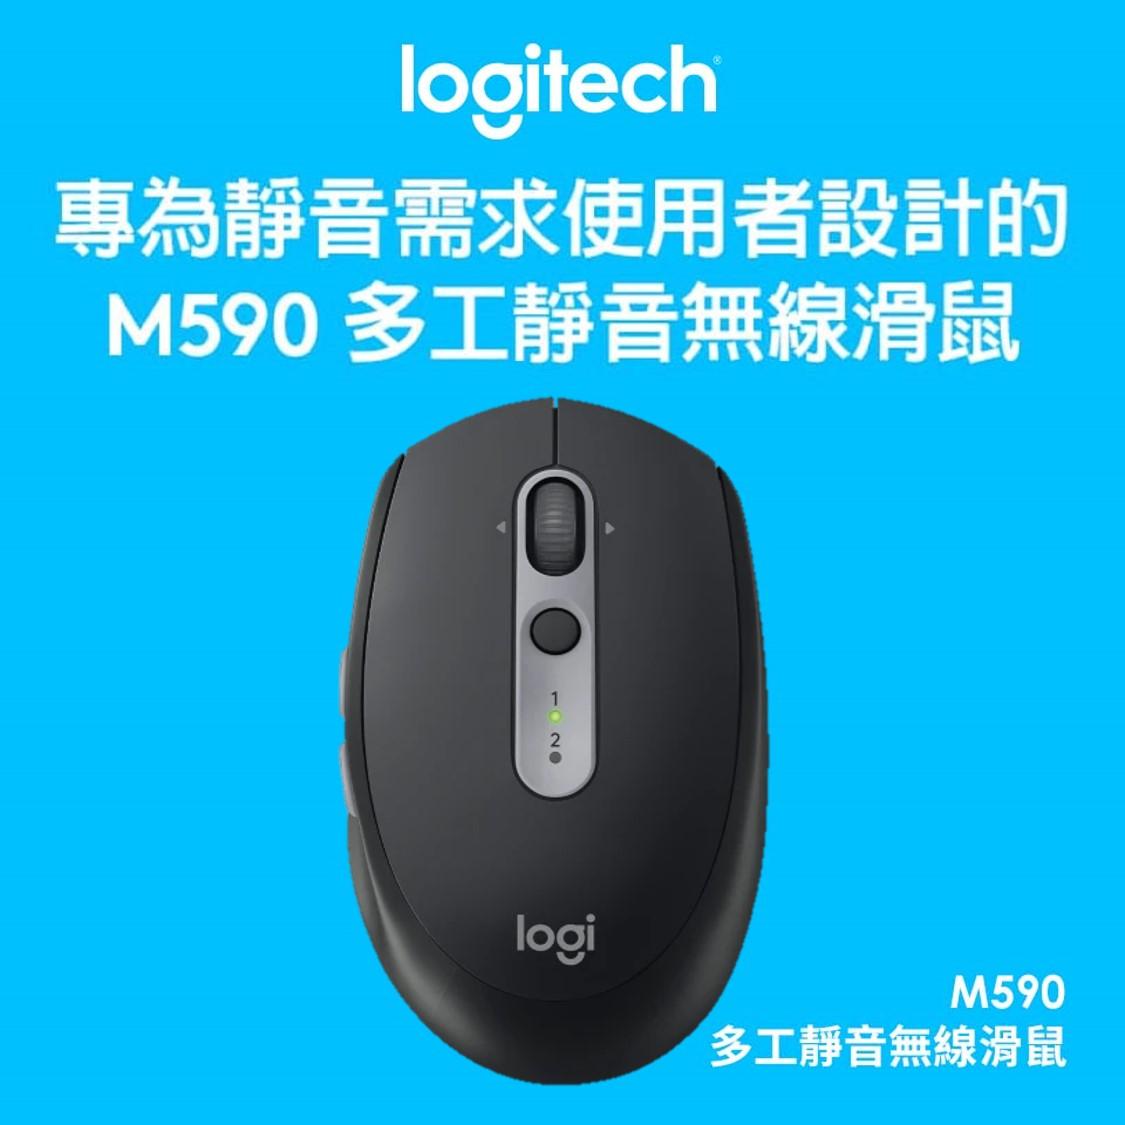 羅技M590多工靜音無線滑鼠-炭石黑 910-005200